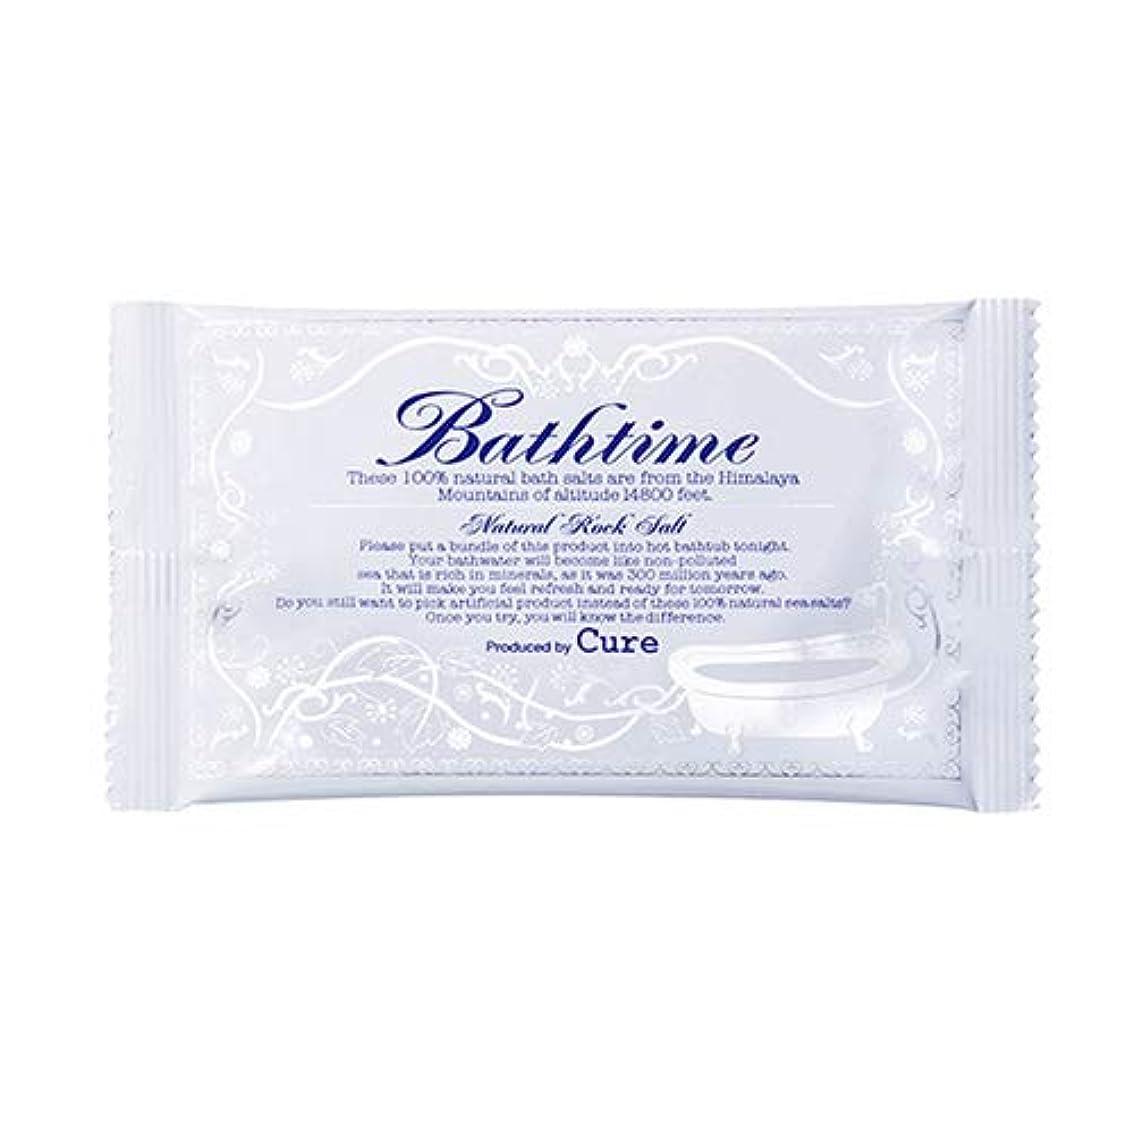 幅推測する黒板バスタイム (20g) Cure 温浴系バスソルト 入浴剤